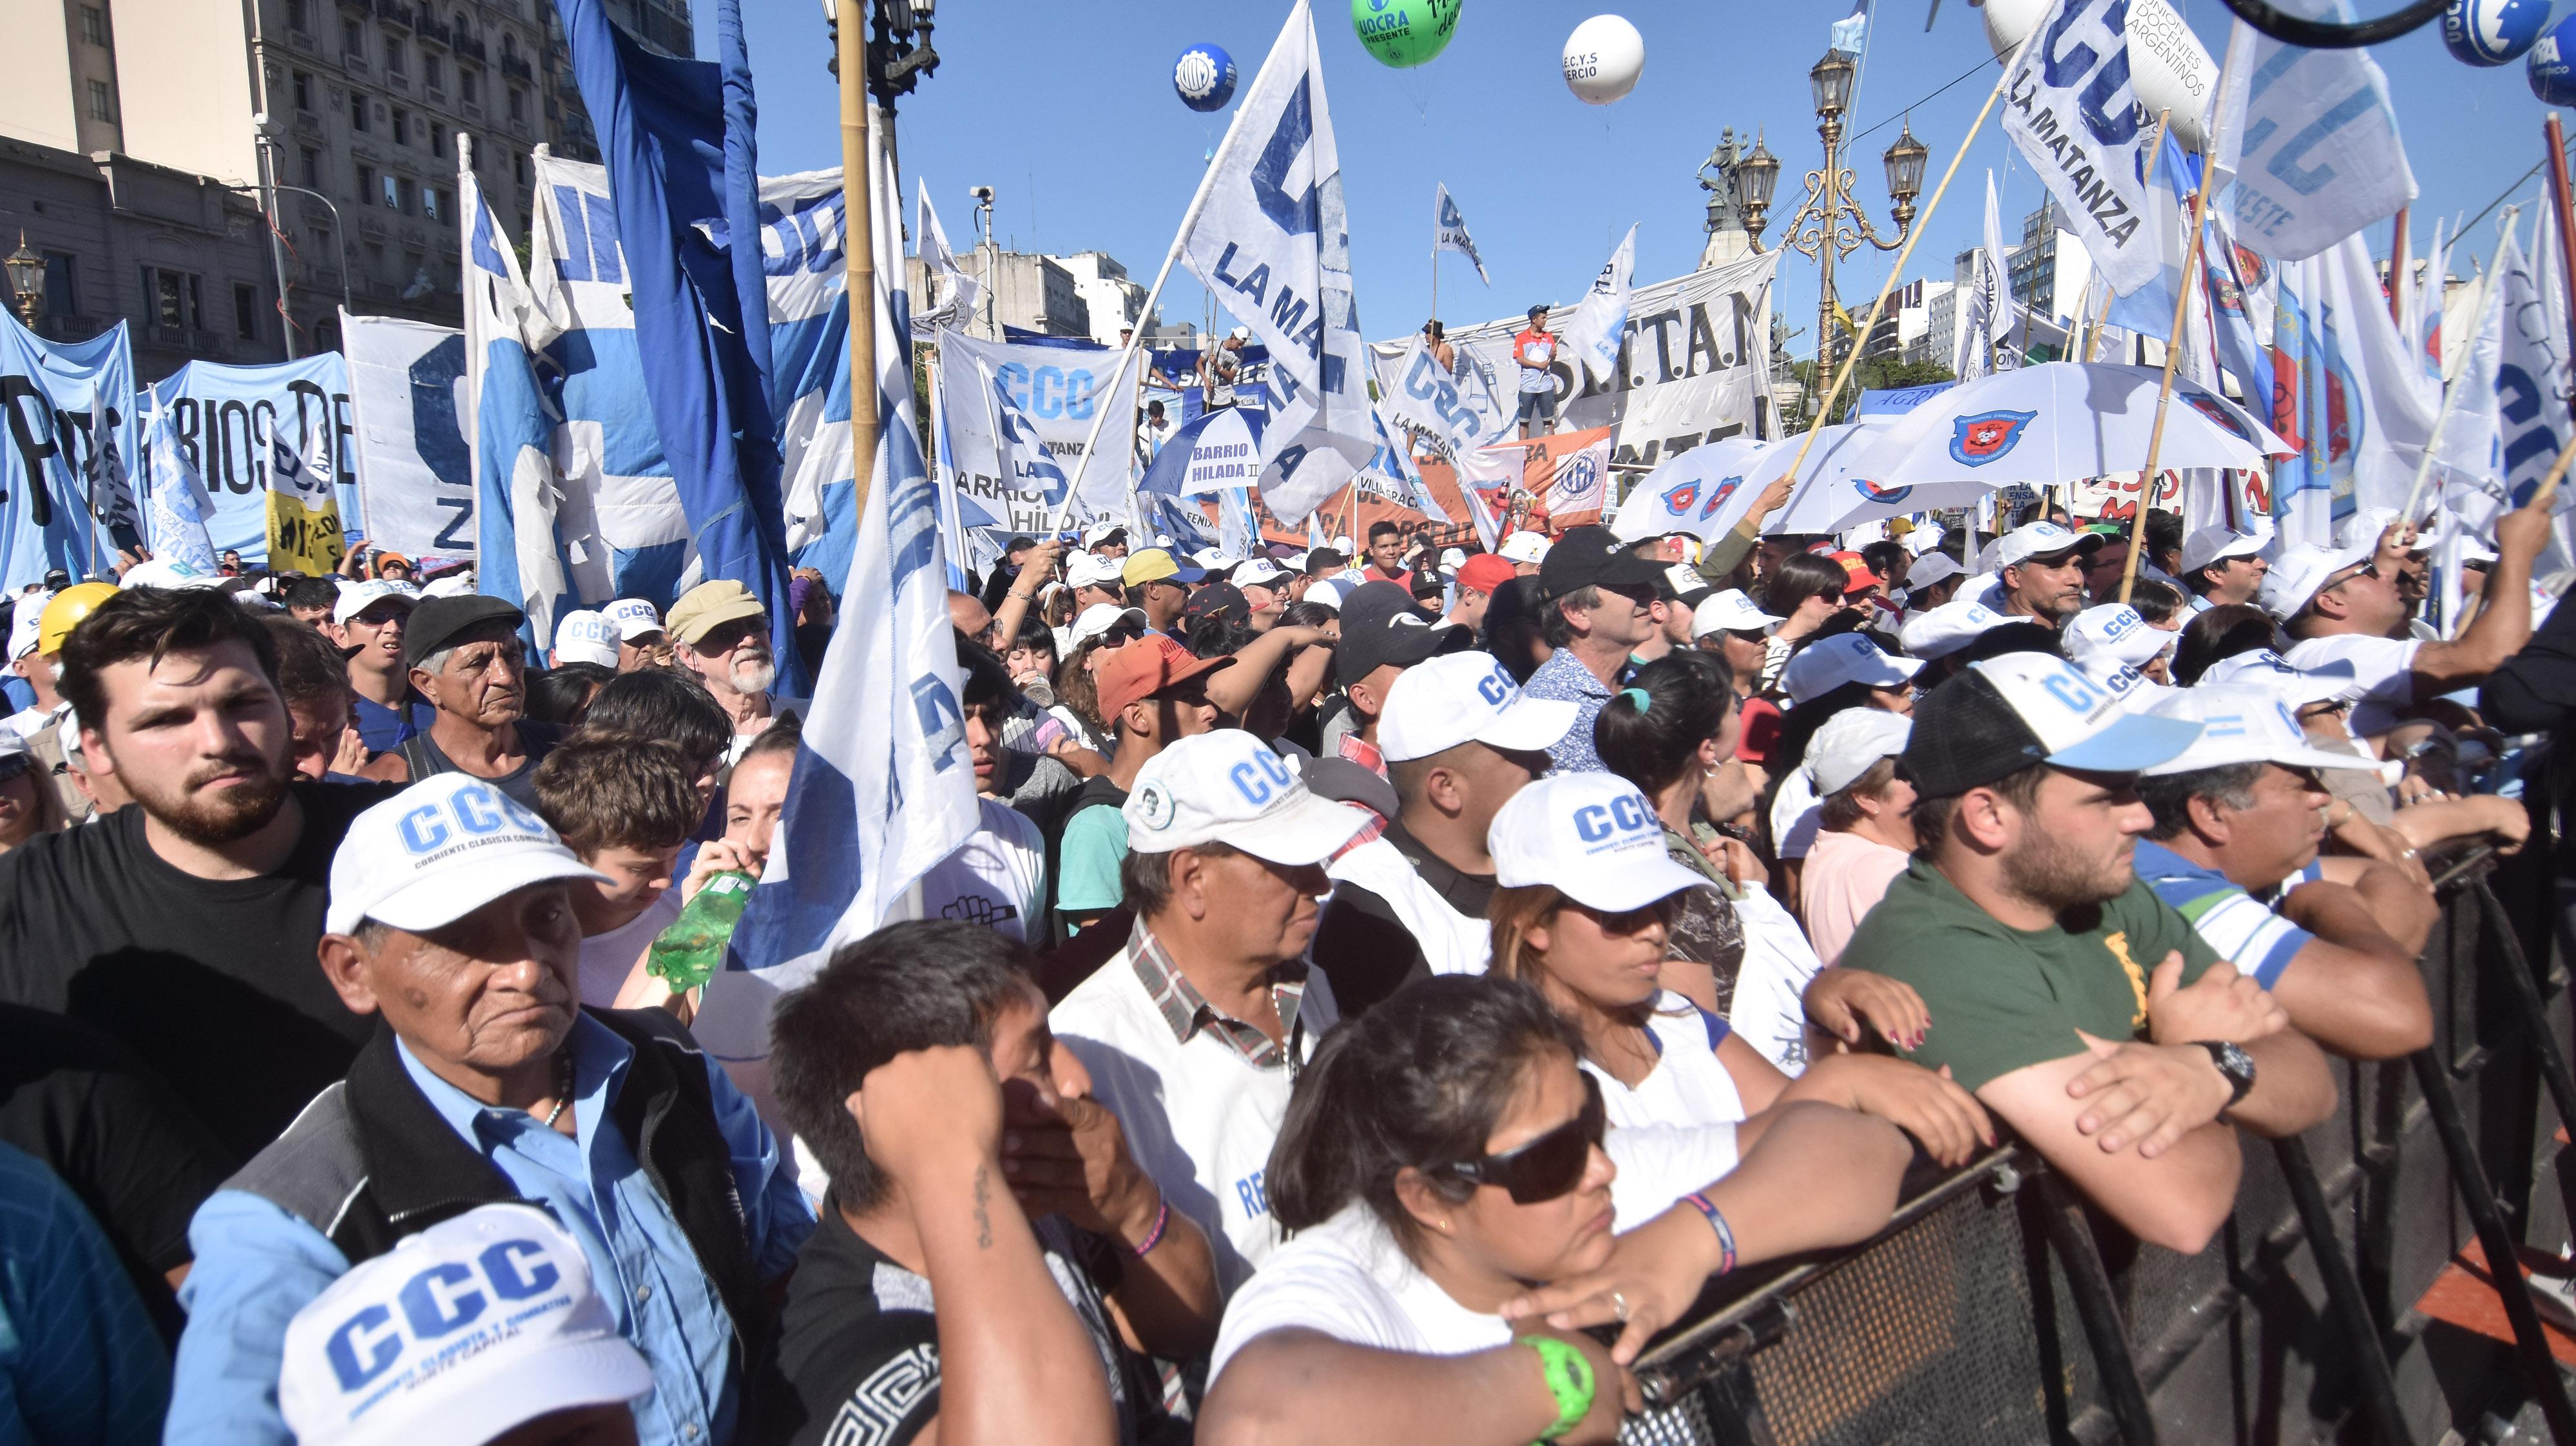 Los movimientos sociales mostraron una vez más la capacidad de movilización. (Fuente: DyN)